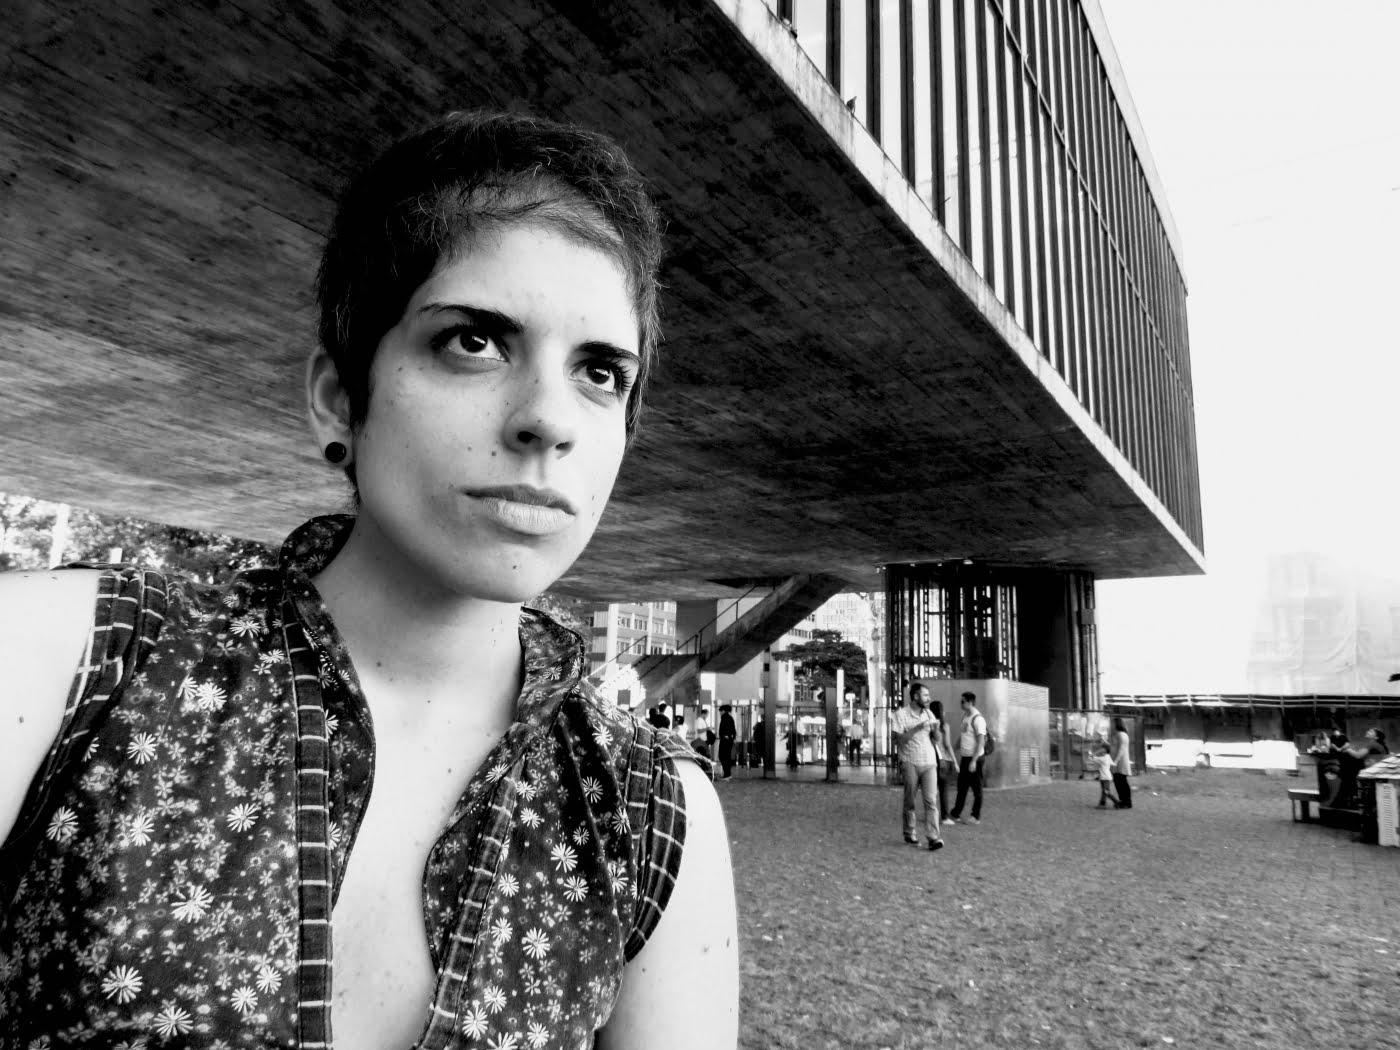 Natália, 31, uma das vozes mais respeitadas no Brasil quando se fala em transformar nossas cidades em lugares melhores para viver.